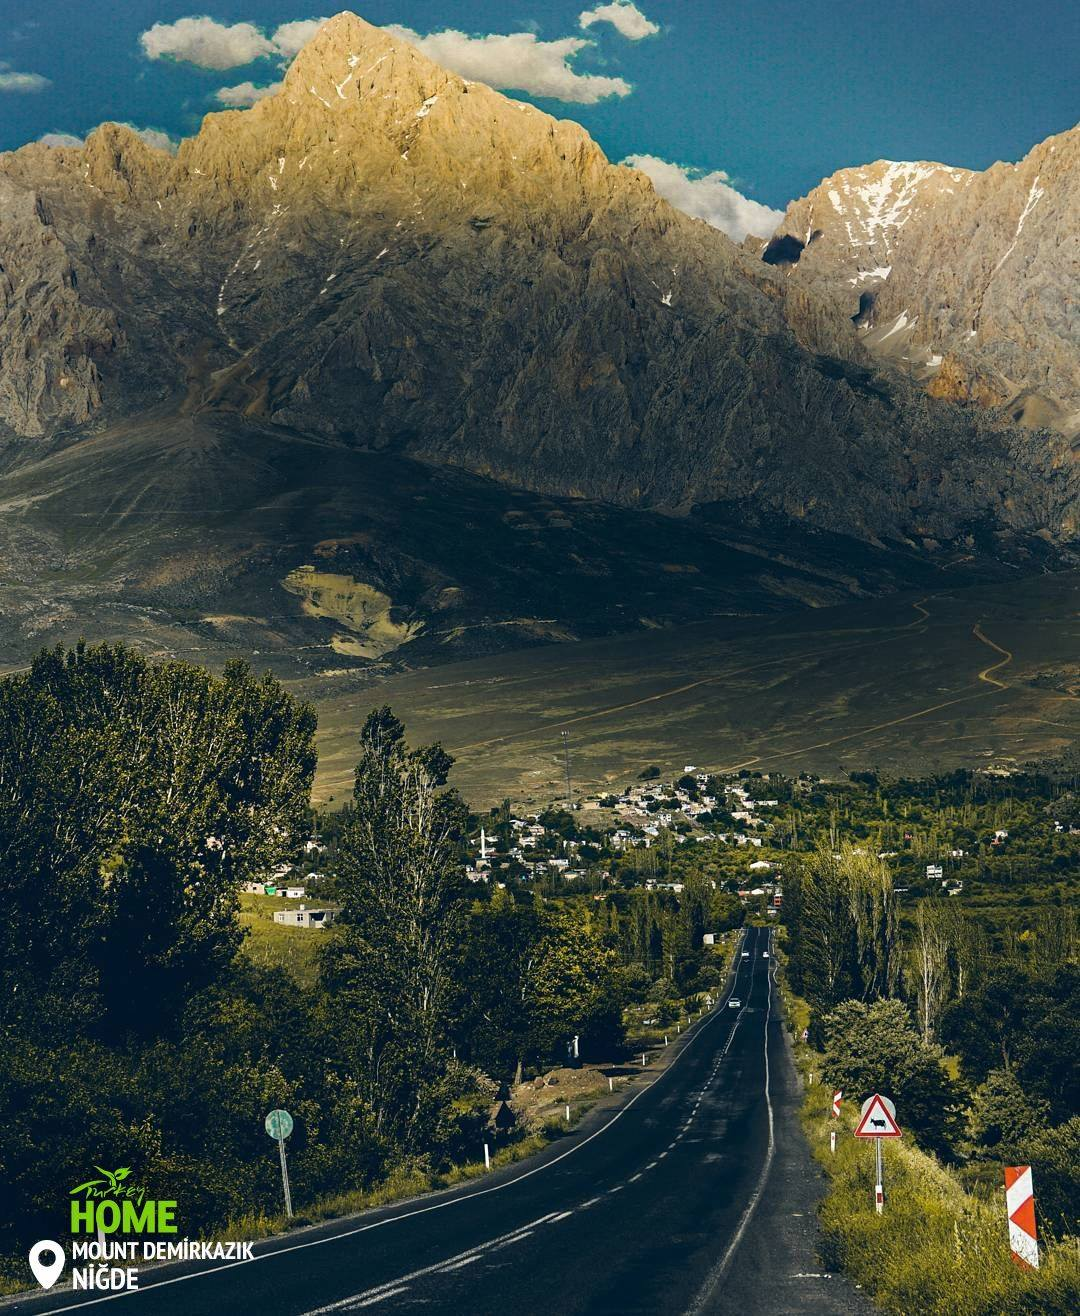 Mount Demirkazık, Niğde